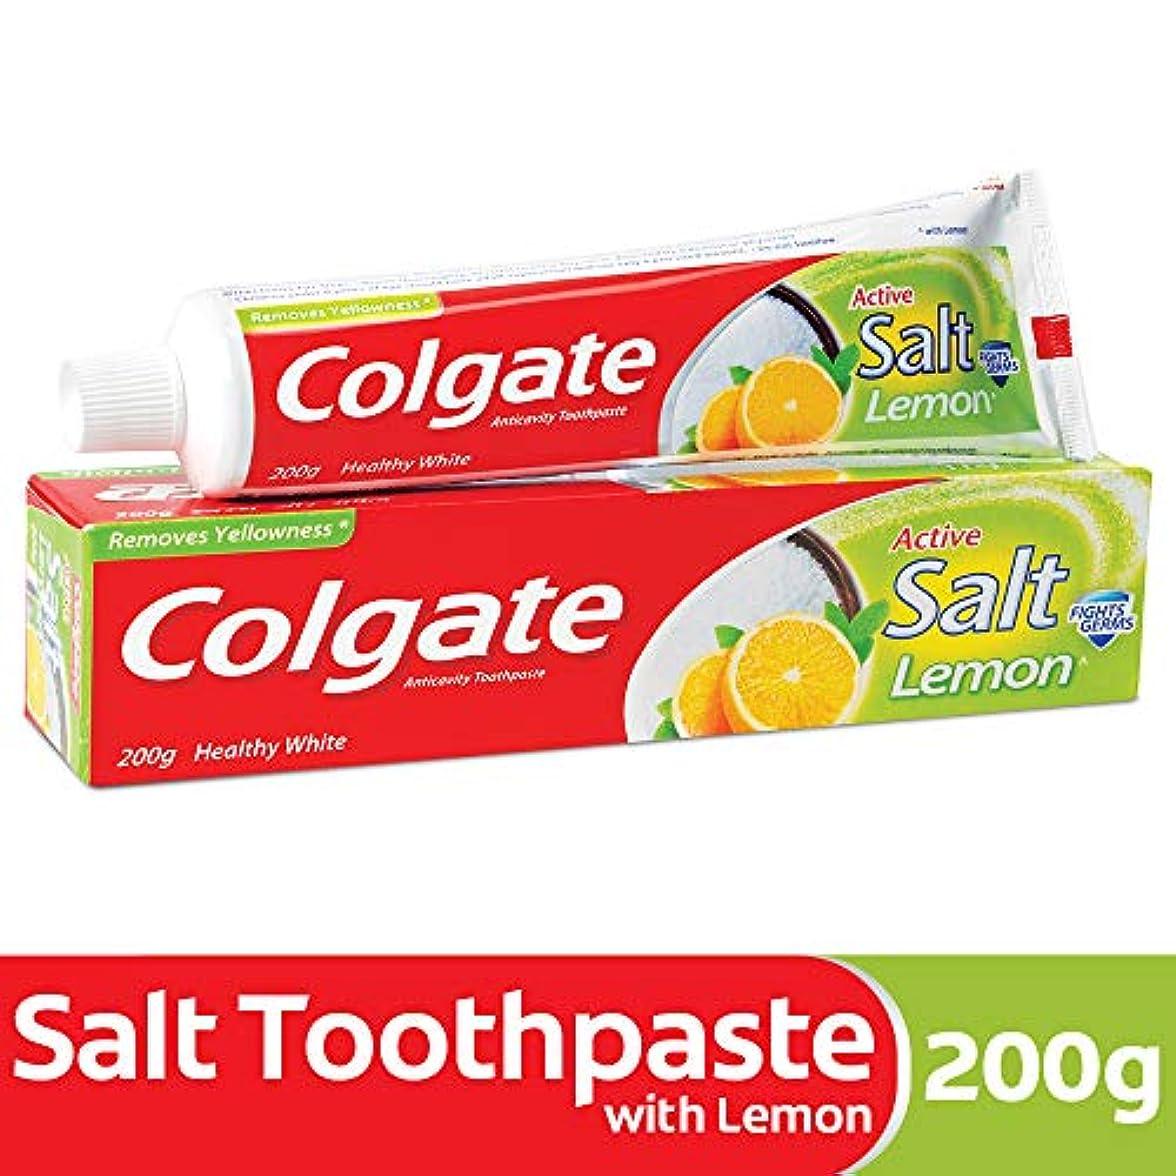 入浴マント摩擦Colgate Toothpaste Active Salt - 200 g (Salt and Lemon)